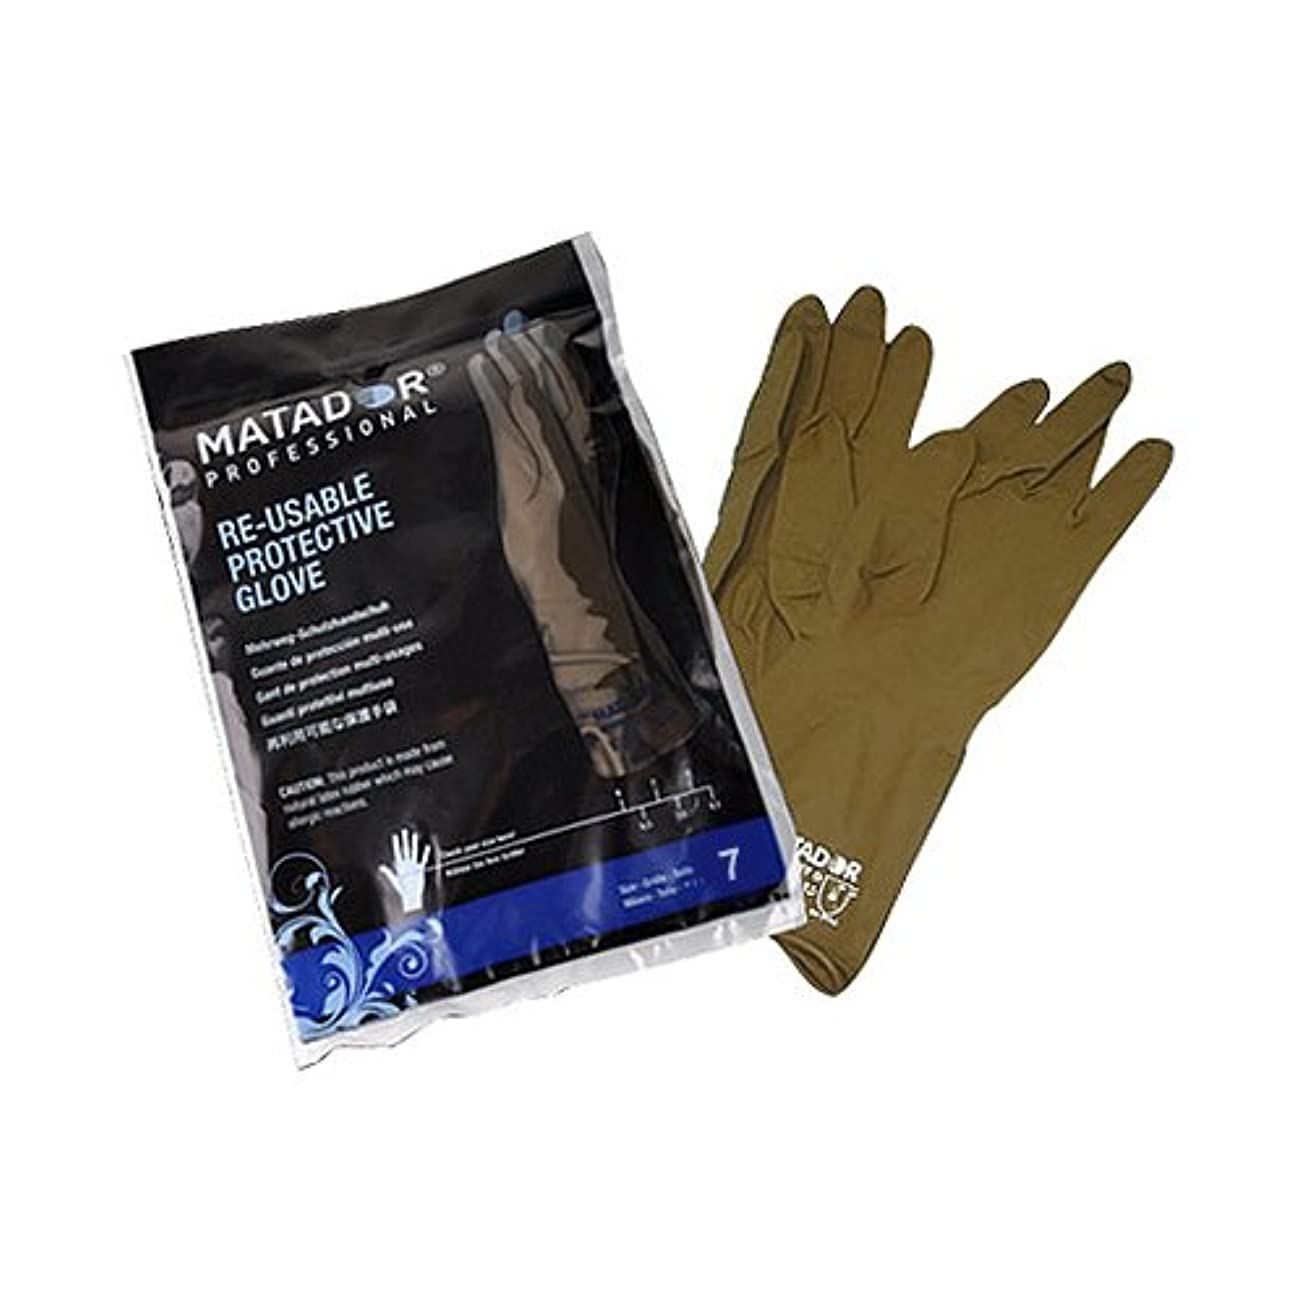 確認してください目指す武器マタドールゴム手袋 7.0吋 【5個セット】